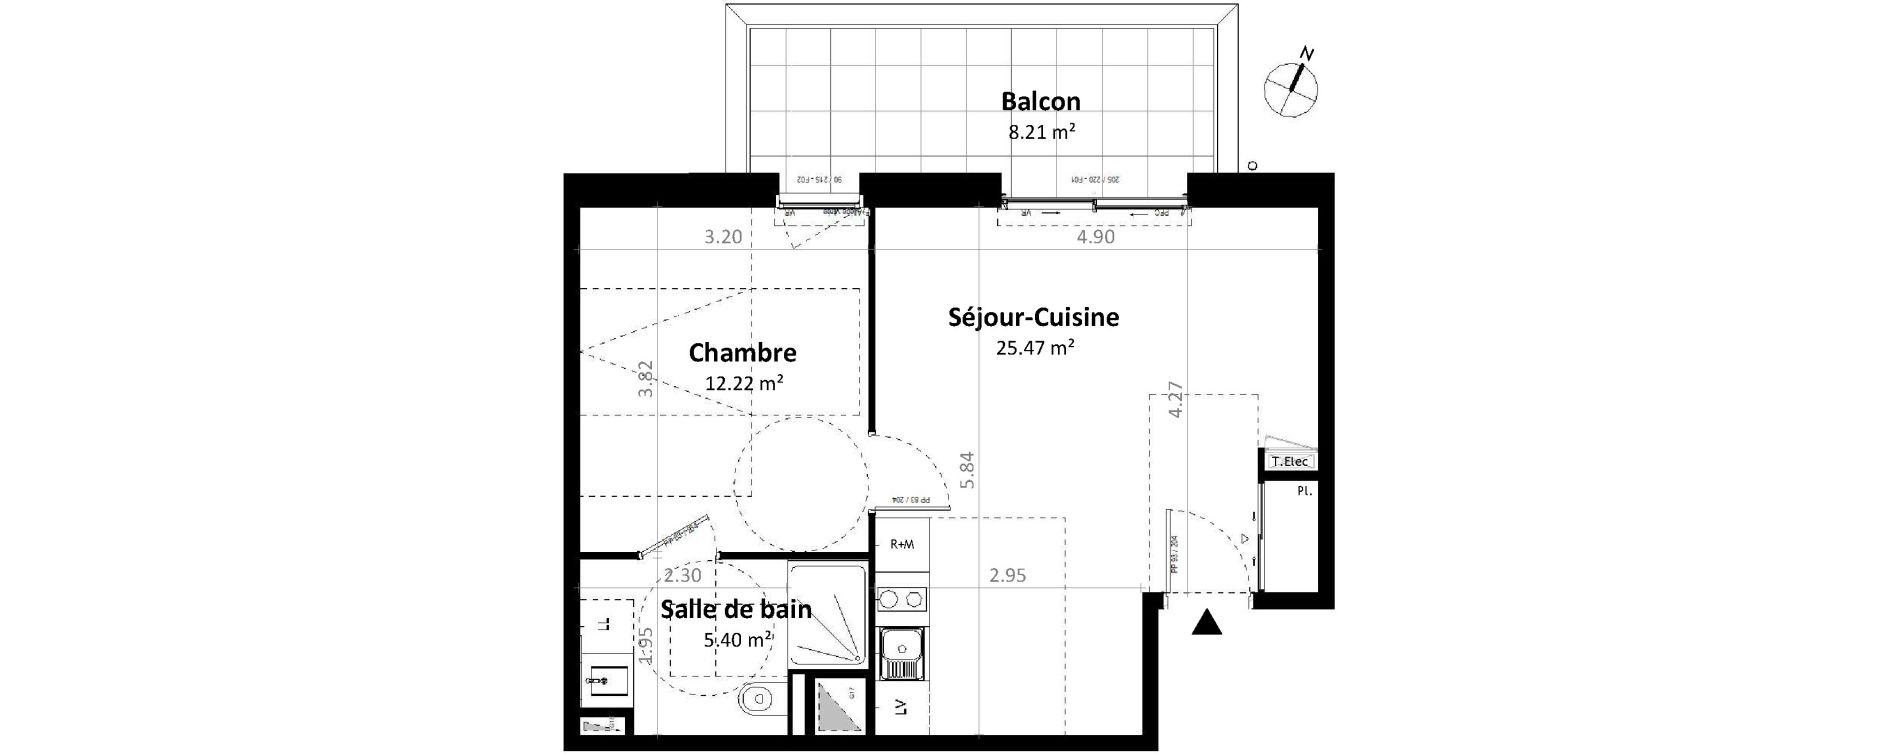 Appartement T2 de 43,10 m2 à Gévezé Centre